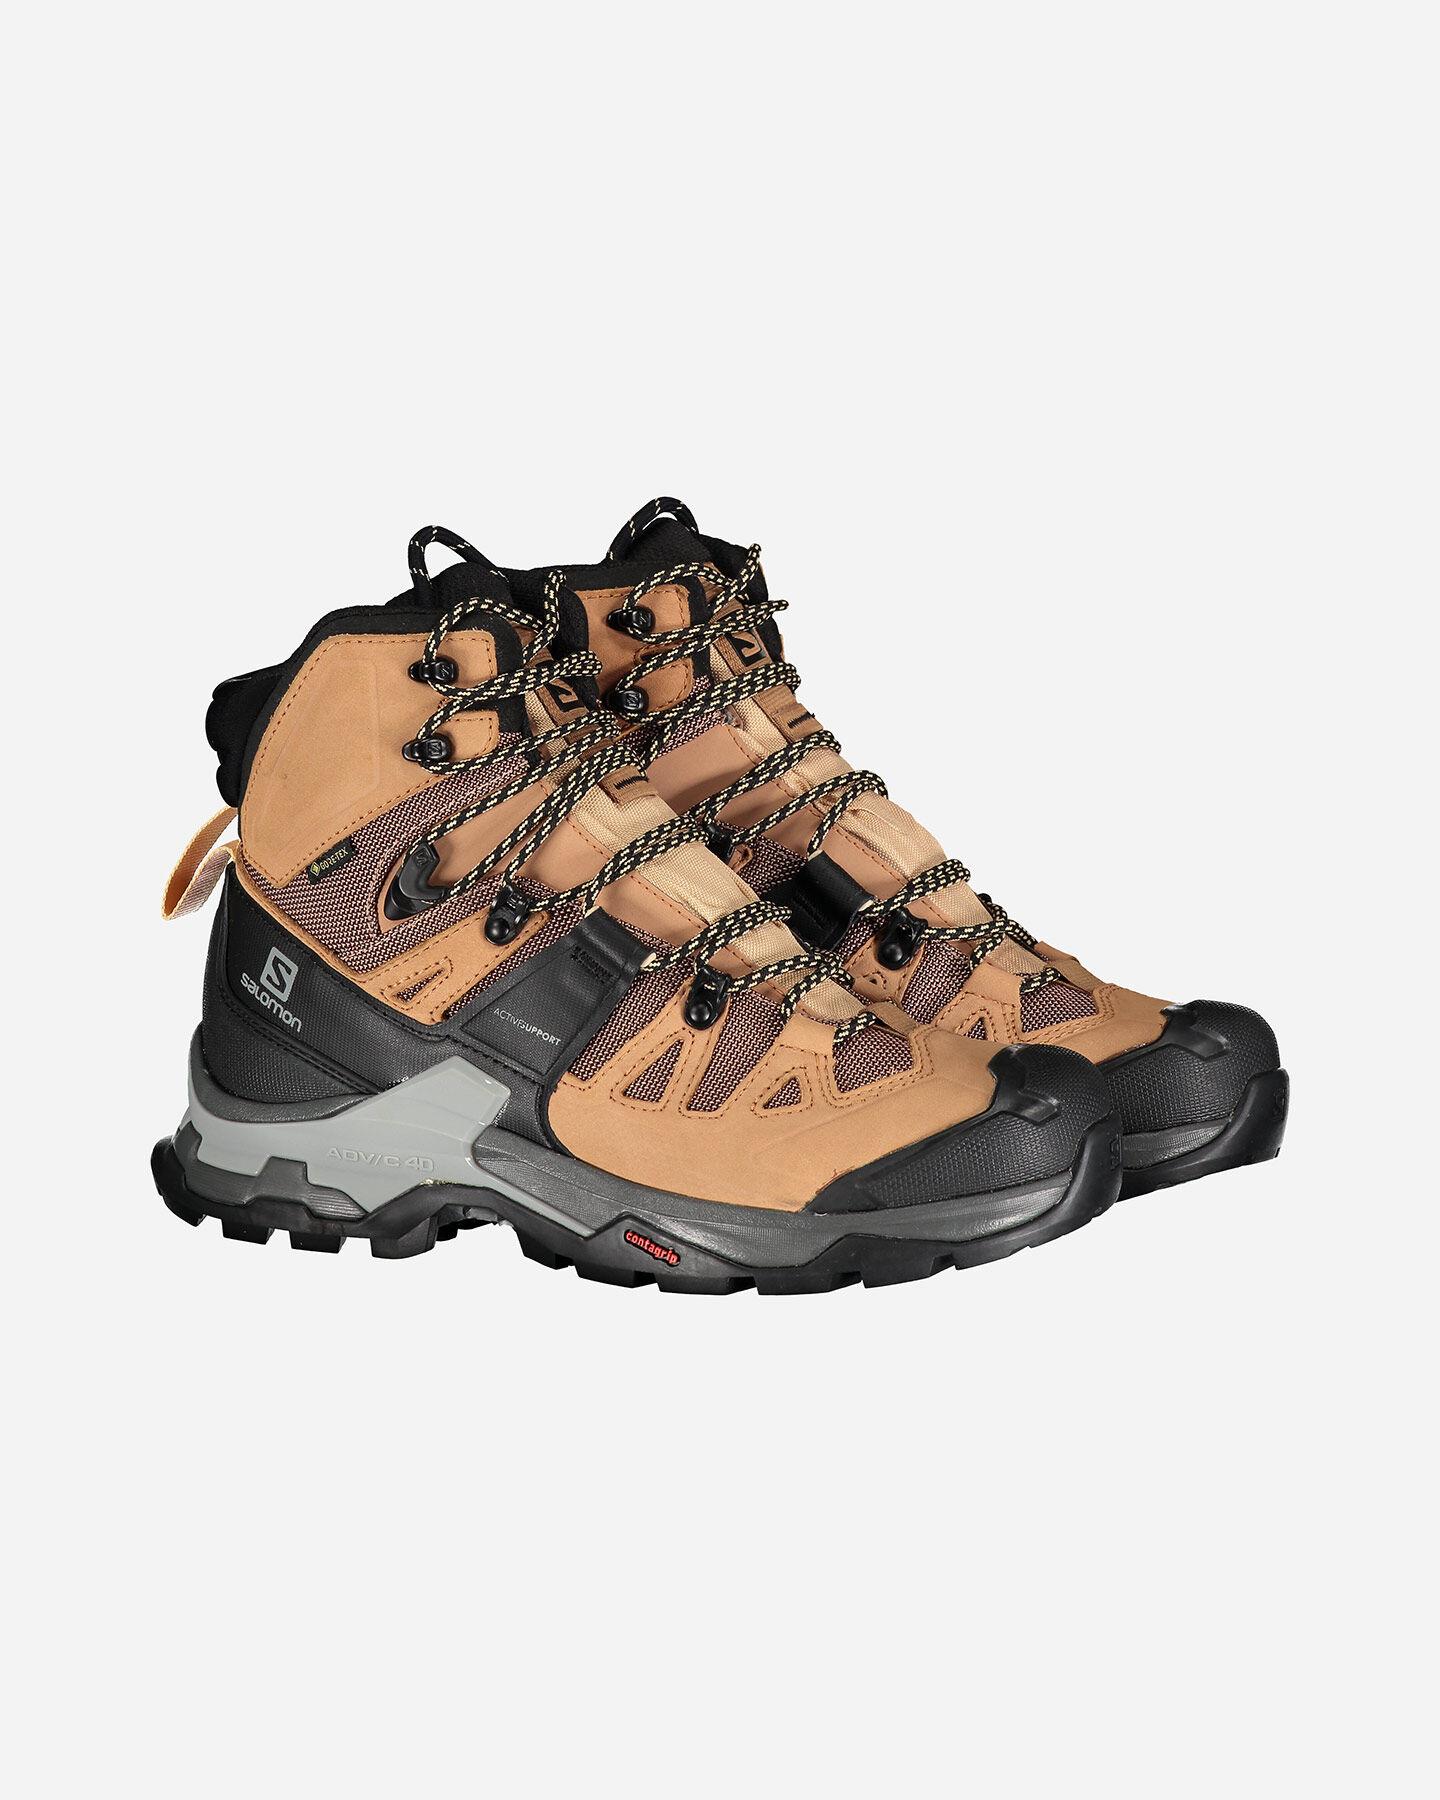 Scarpe alpinismo SALOMON QUEST 4 GTX W S5288900 scatto 1